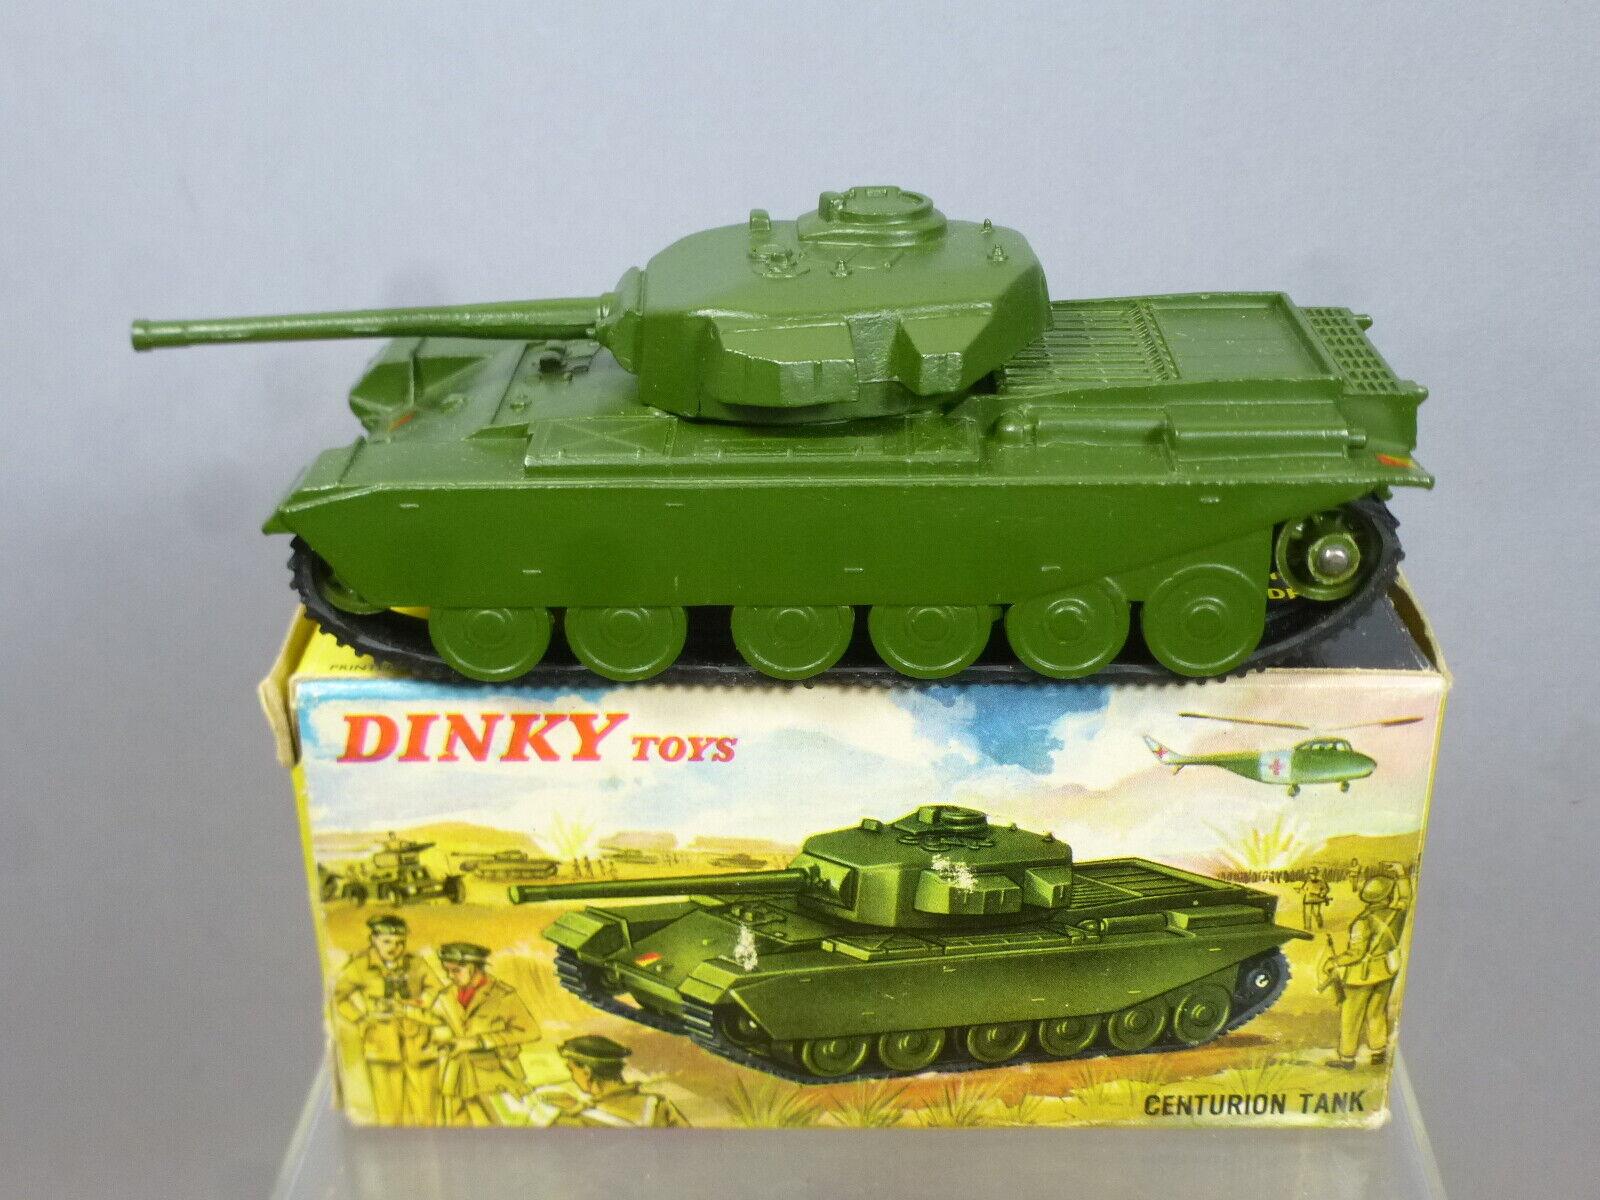 DINKY supergiocattolo modello N. 651 CENTURION TANK versione finale in plastica RUOTE  VN Nuovo di zecca con scatola